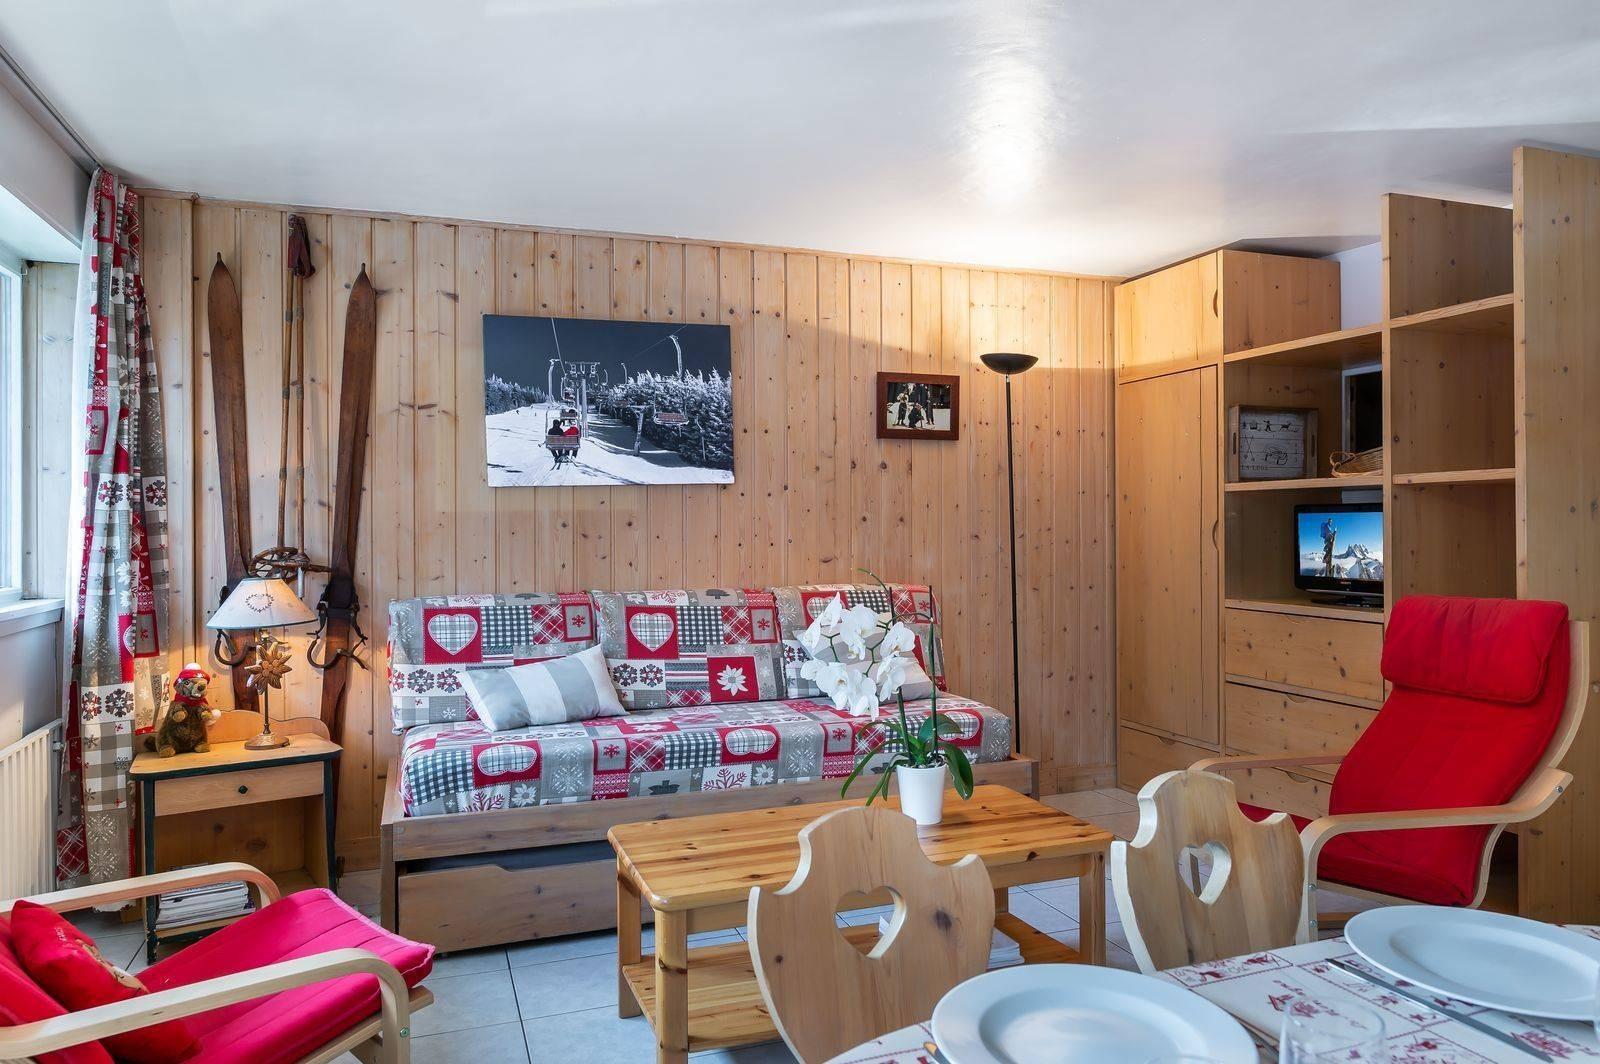 Courchevel 1850 Location Appartement Luxe Cetonite Séjour 2